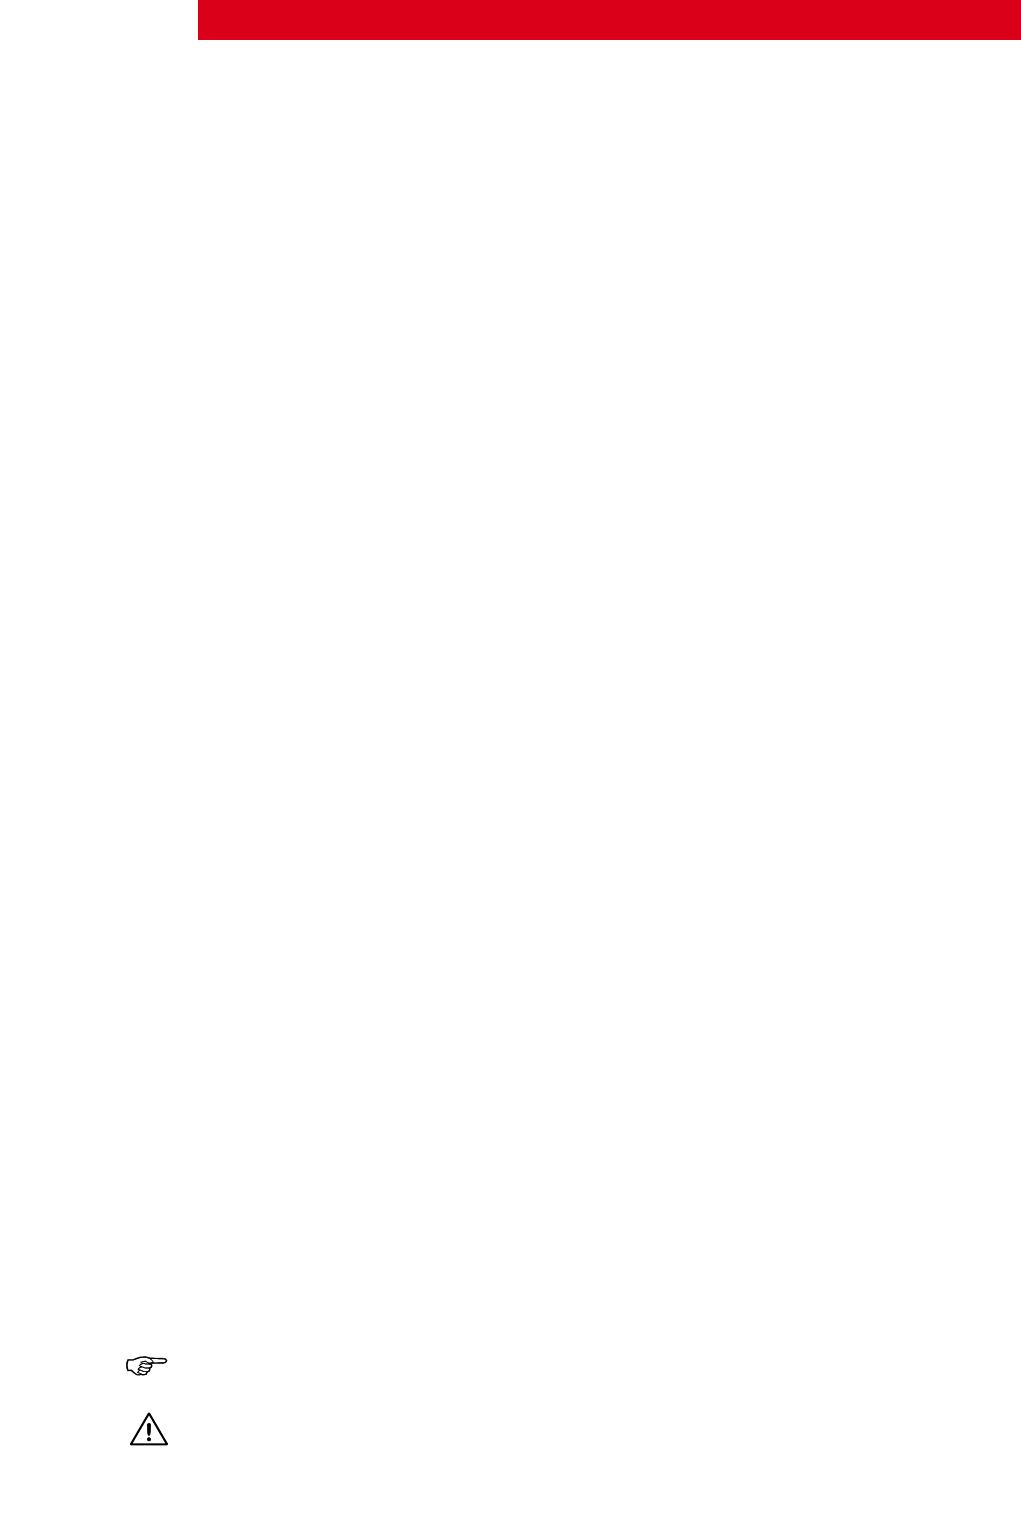 Bedienungsanleitung Simrad NSE8 (Seite 36 von 102) (Deutsch)